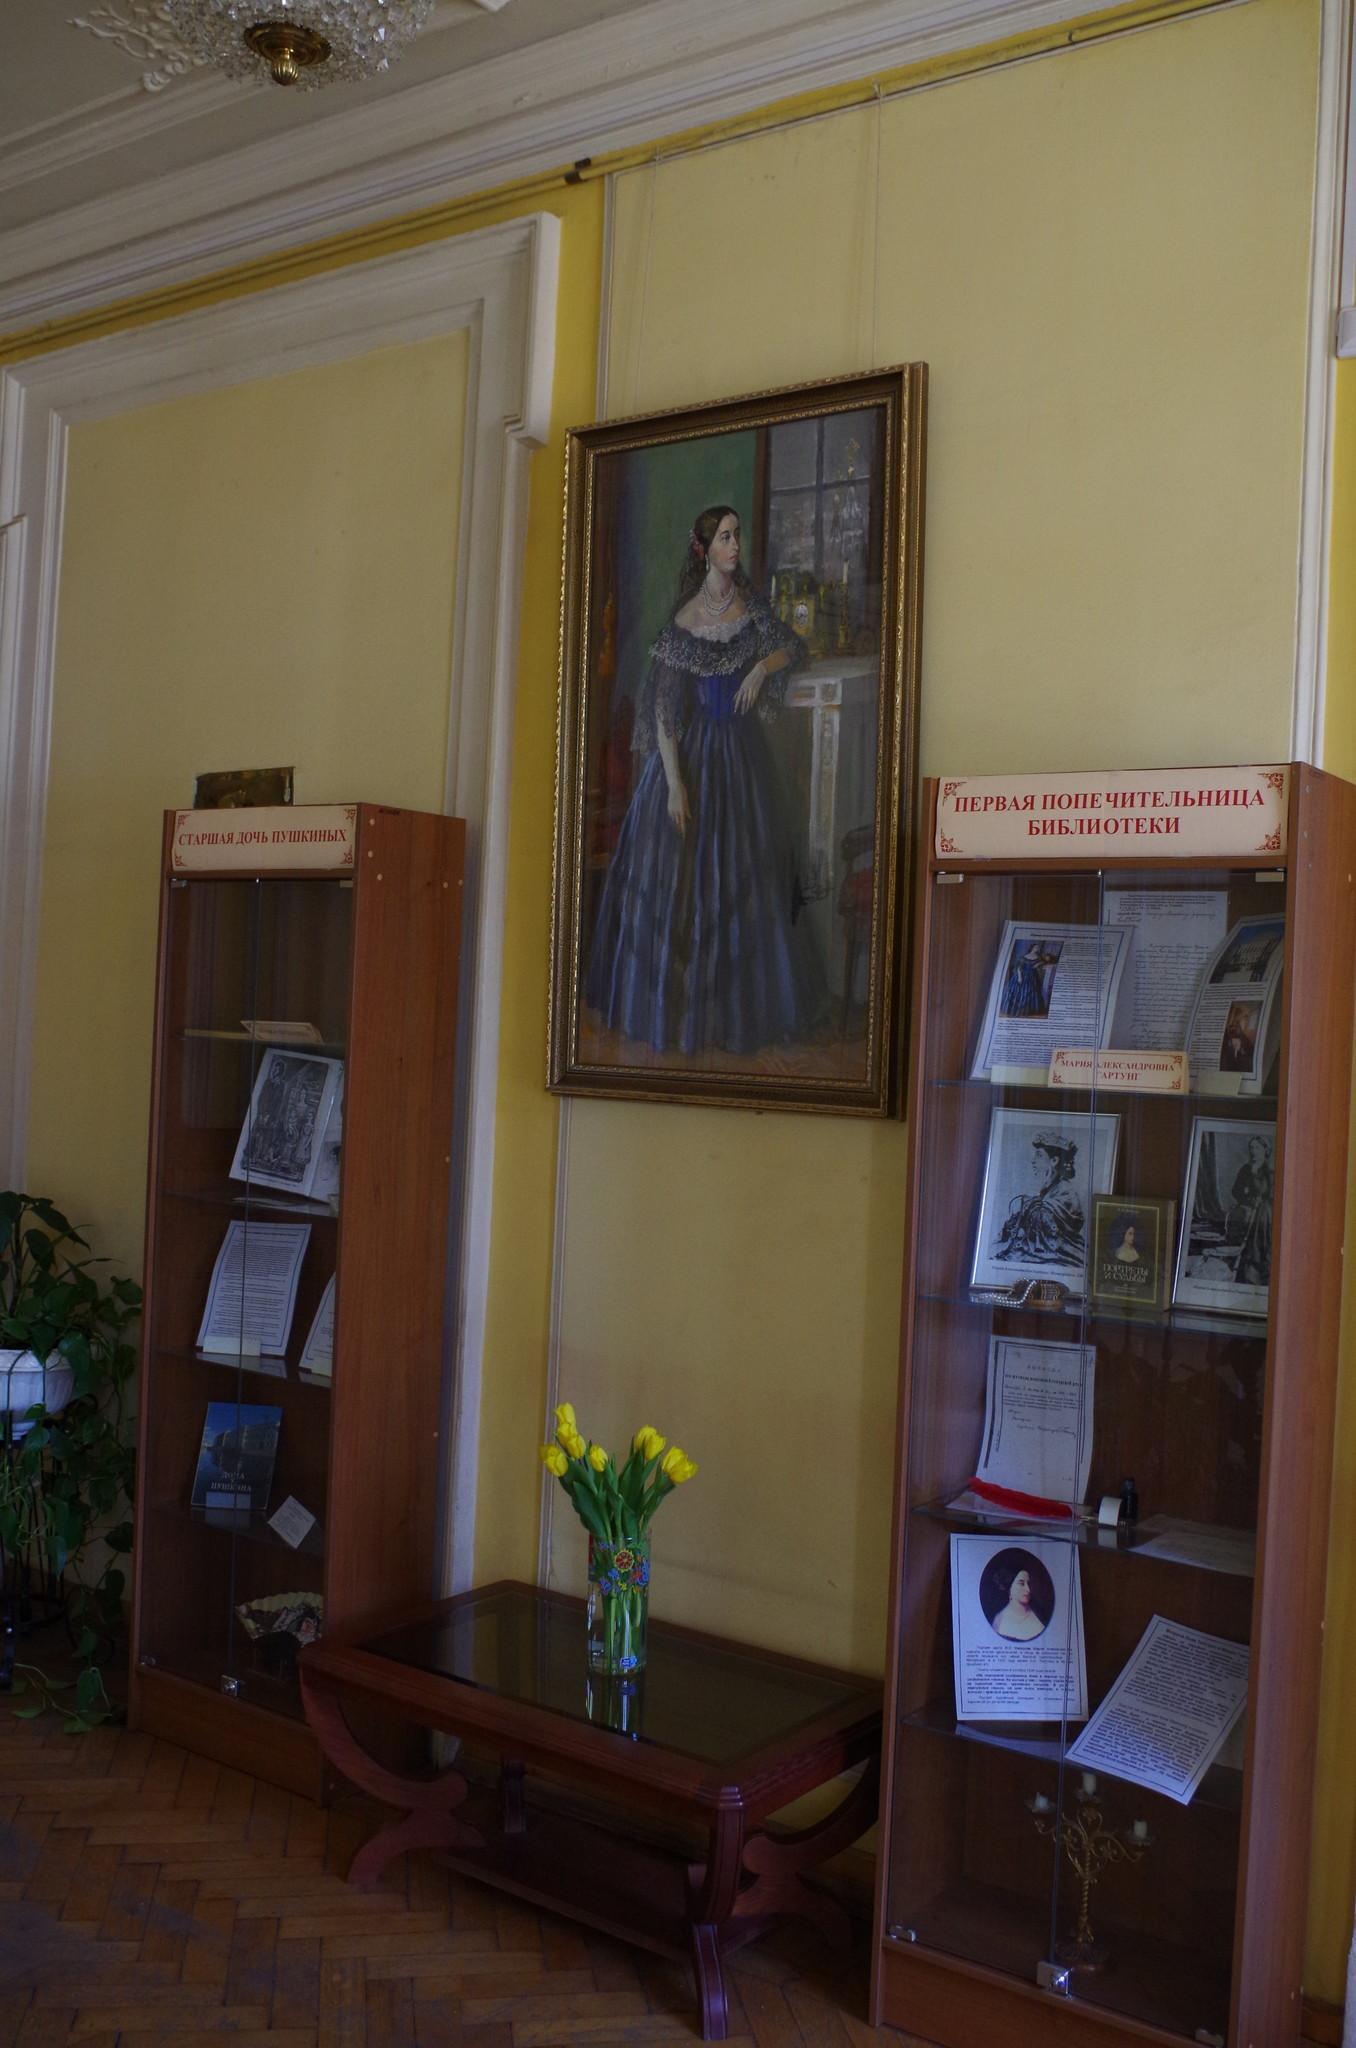 Портрет Марии Александровны Гартунг (Пушкиной) в библиотеке имени А.С. Пушкина